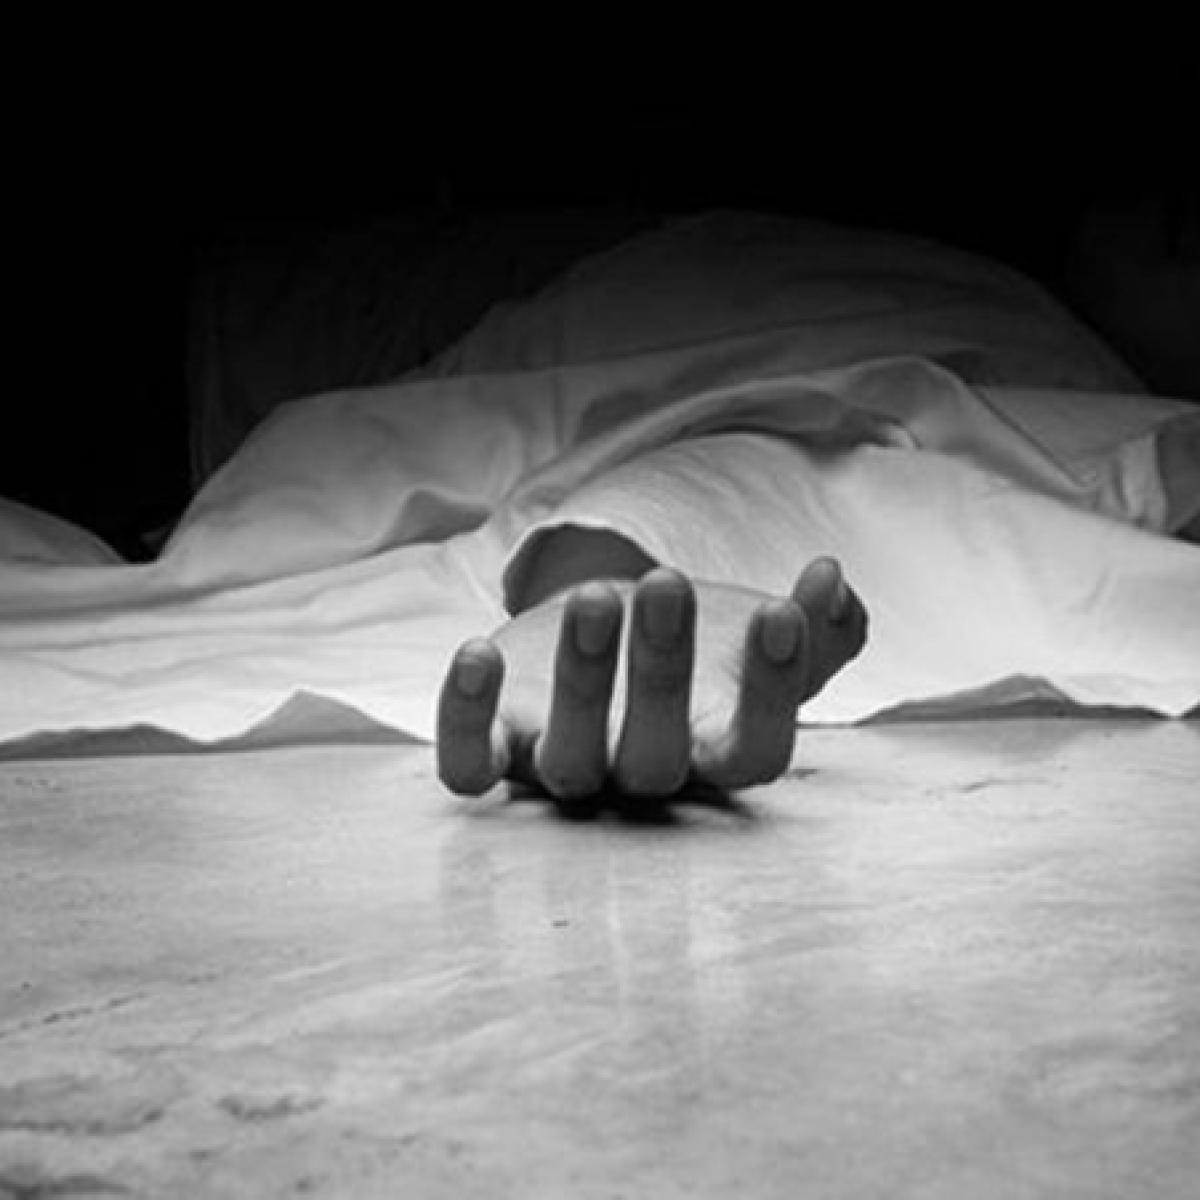 Gujarat: Seven die while cleaning hotel sewer in Vadodara